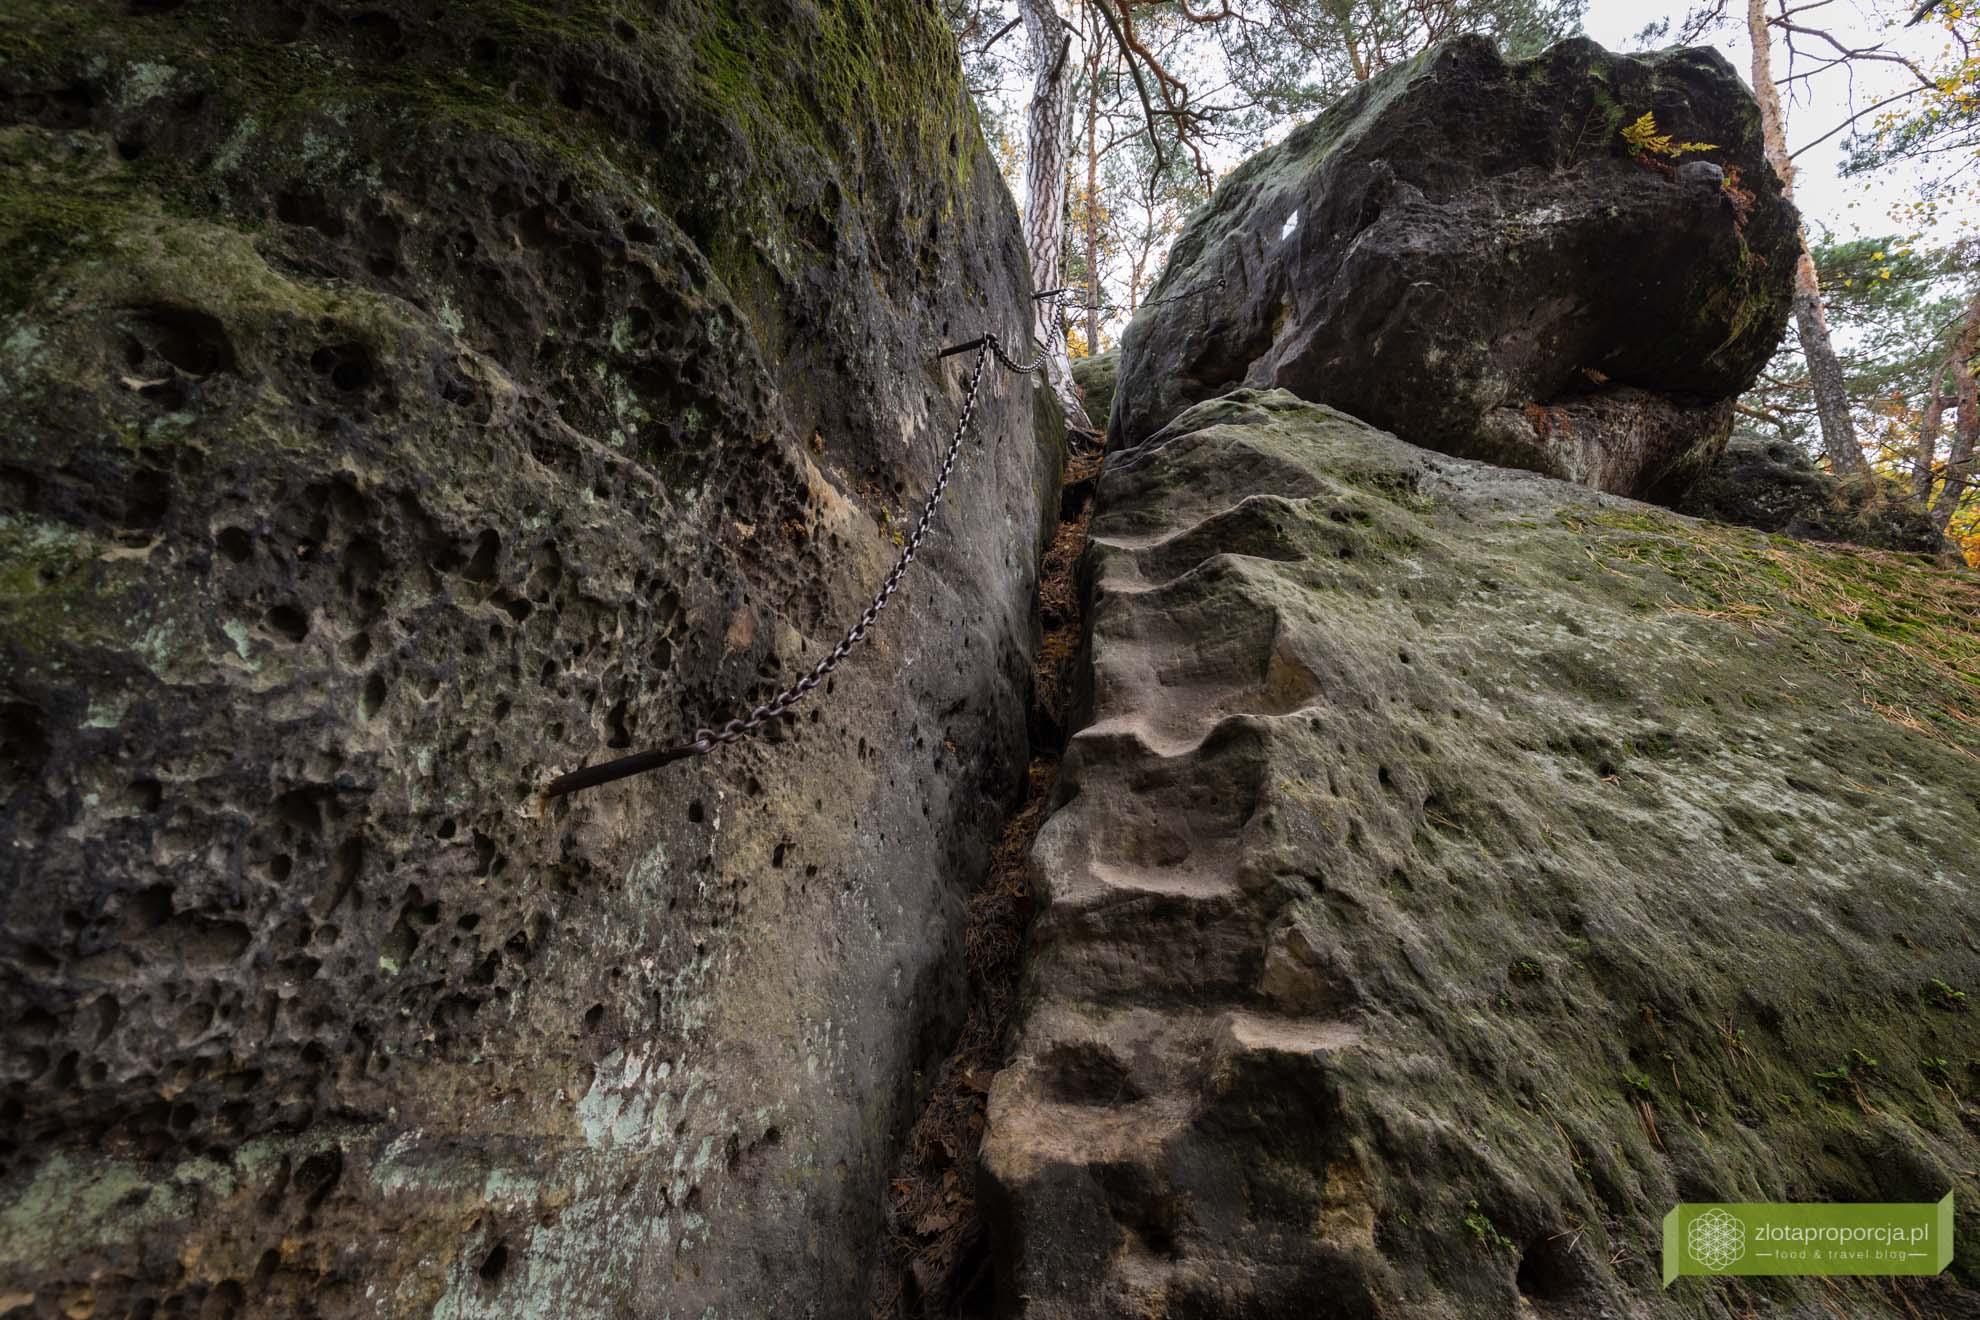 Kokorinsko, Czechy, atrakcje Czech; atrakcje Kokorinsko,; Cinibulkova Stezka; miasta skalne w Czechach;